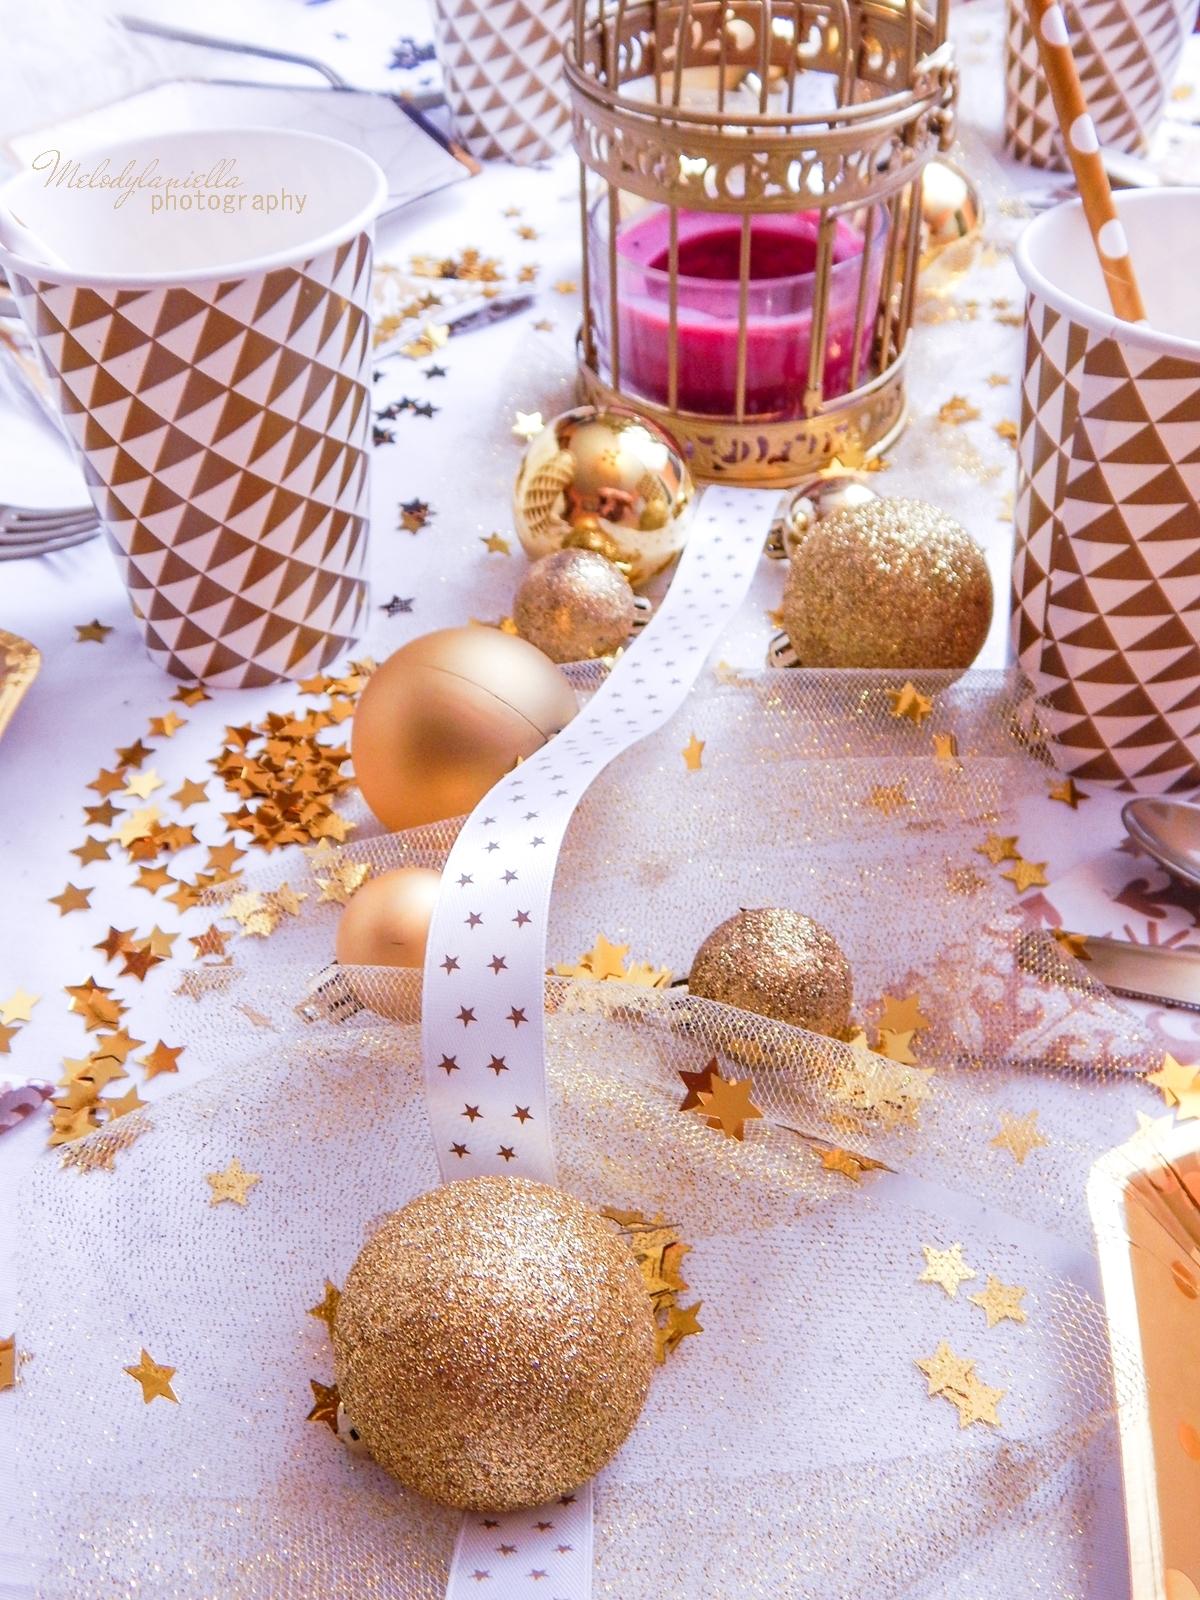 7 jak udekorować stół na imprezę dekoracja stołu karnawałowego świątecznego weselnego urodzinowego dekoracje dodatki partybox.pl partybox sklep z dodatkami na imprezy ciekawe gadżety